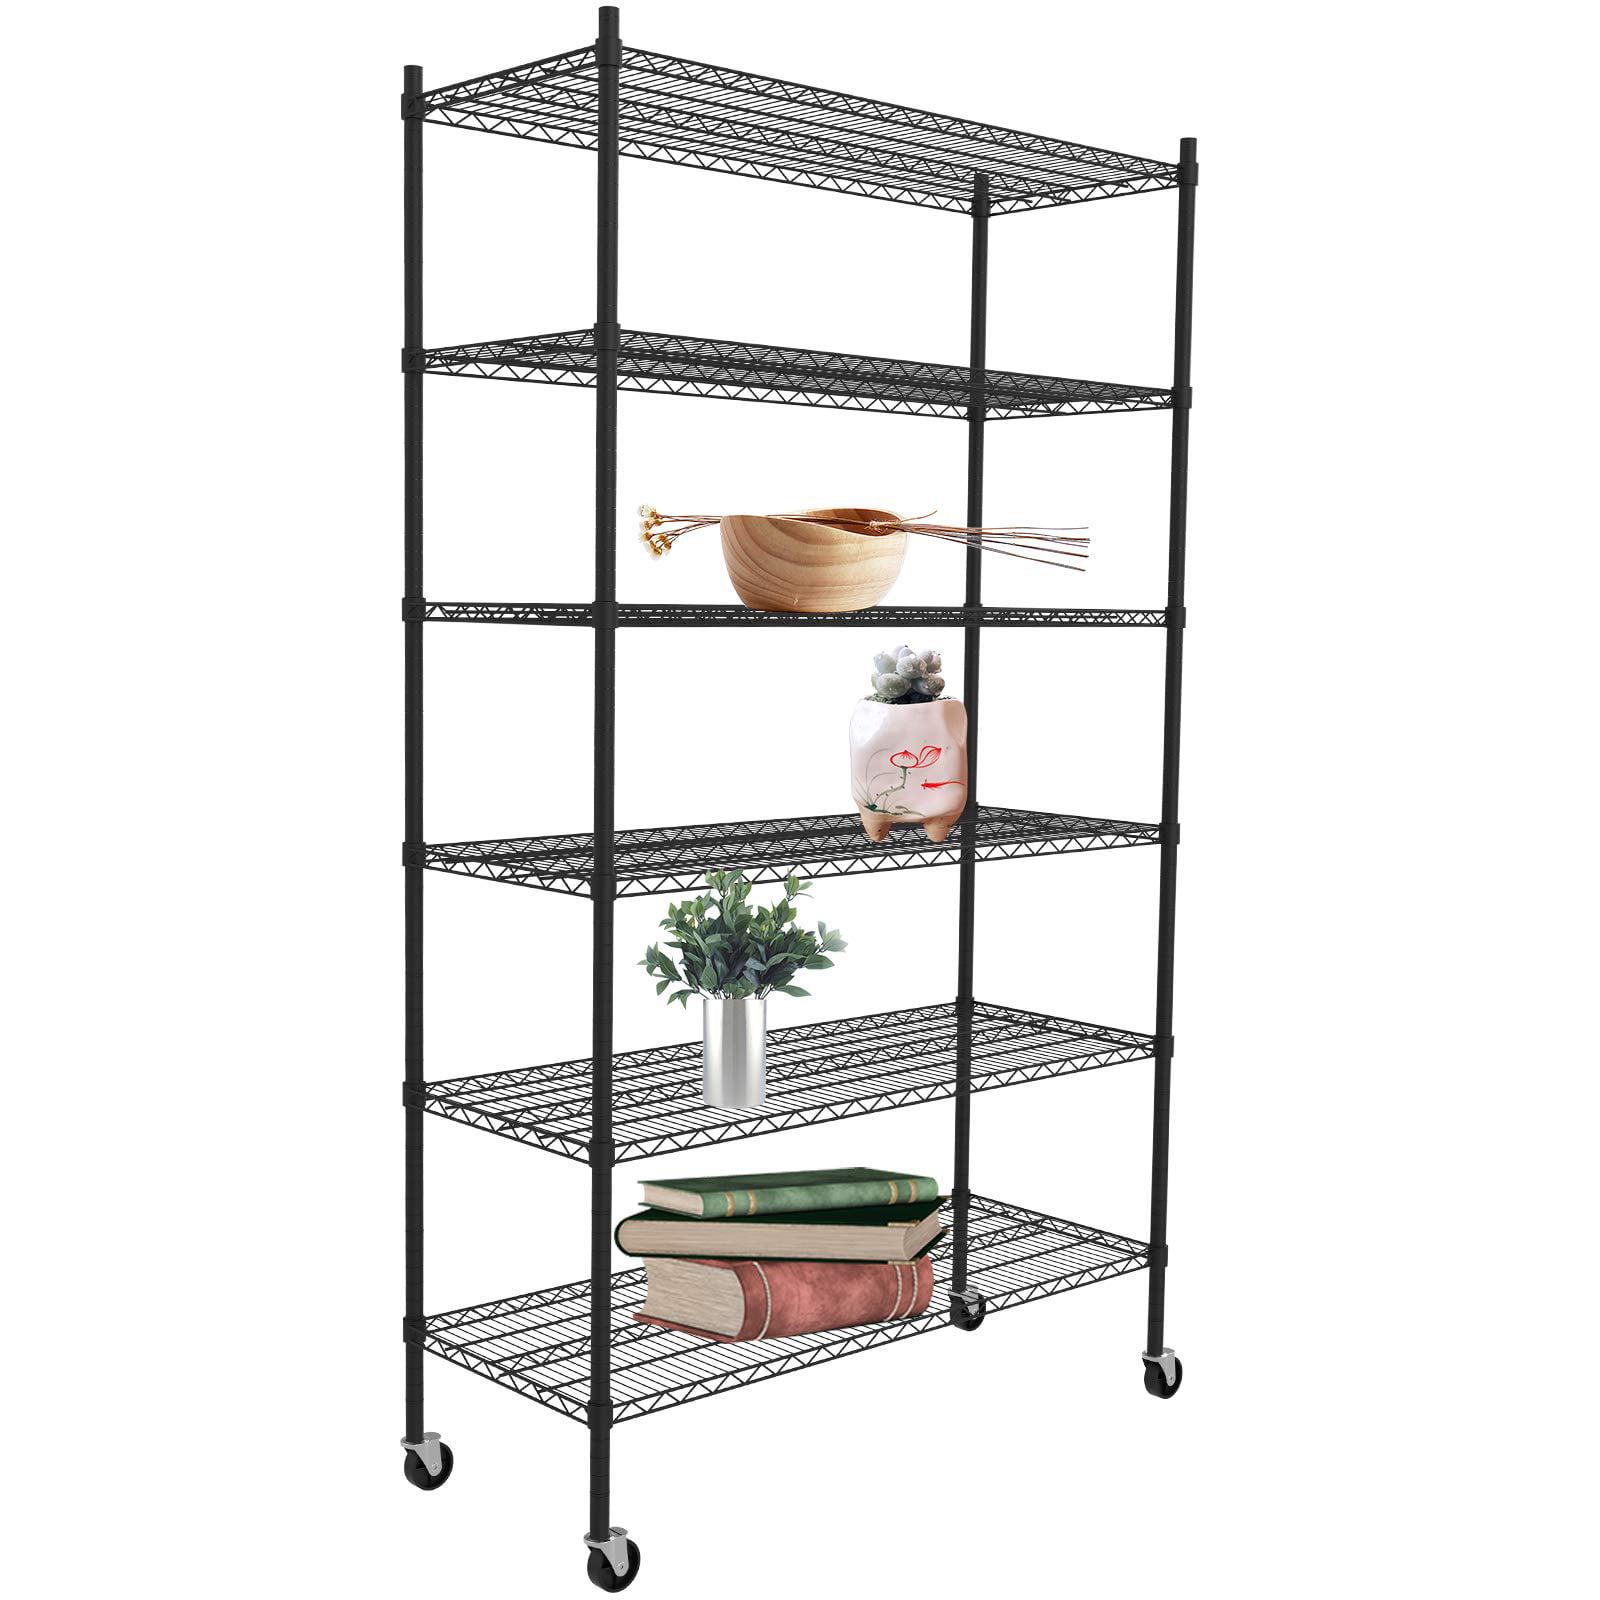 suncoo storage metal shelf 82 u0026quot  height 6 tier wire shelf